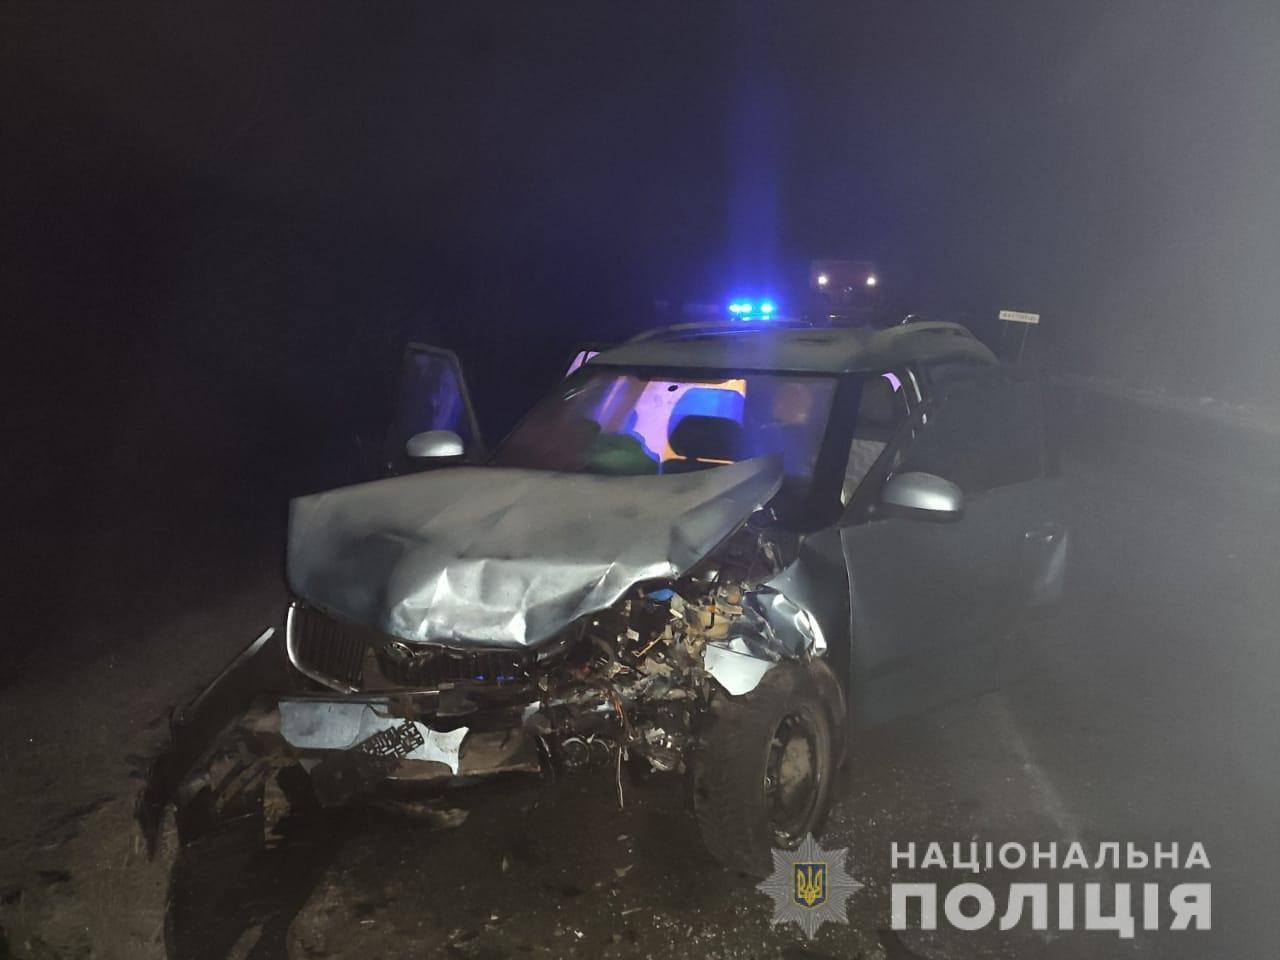 У Фастівському районі в ДТП постраждали п'ятеро людей - Поліція, автомобілі - 135550573 3644201588968320 639638093976830517 o